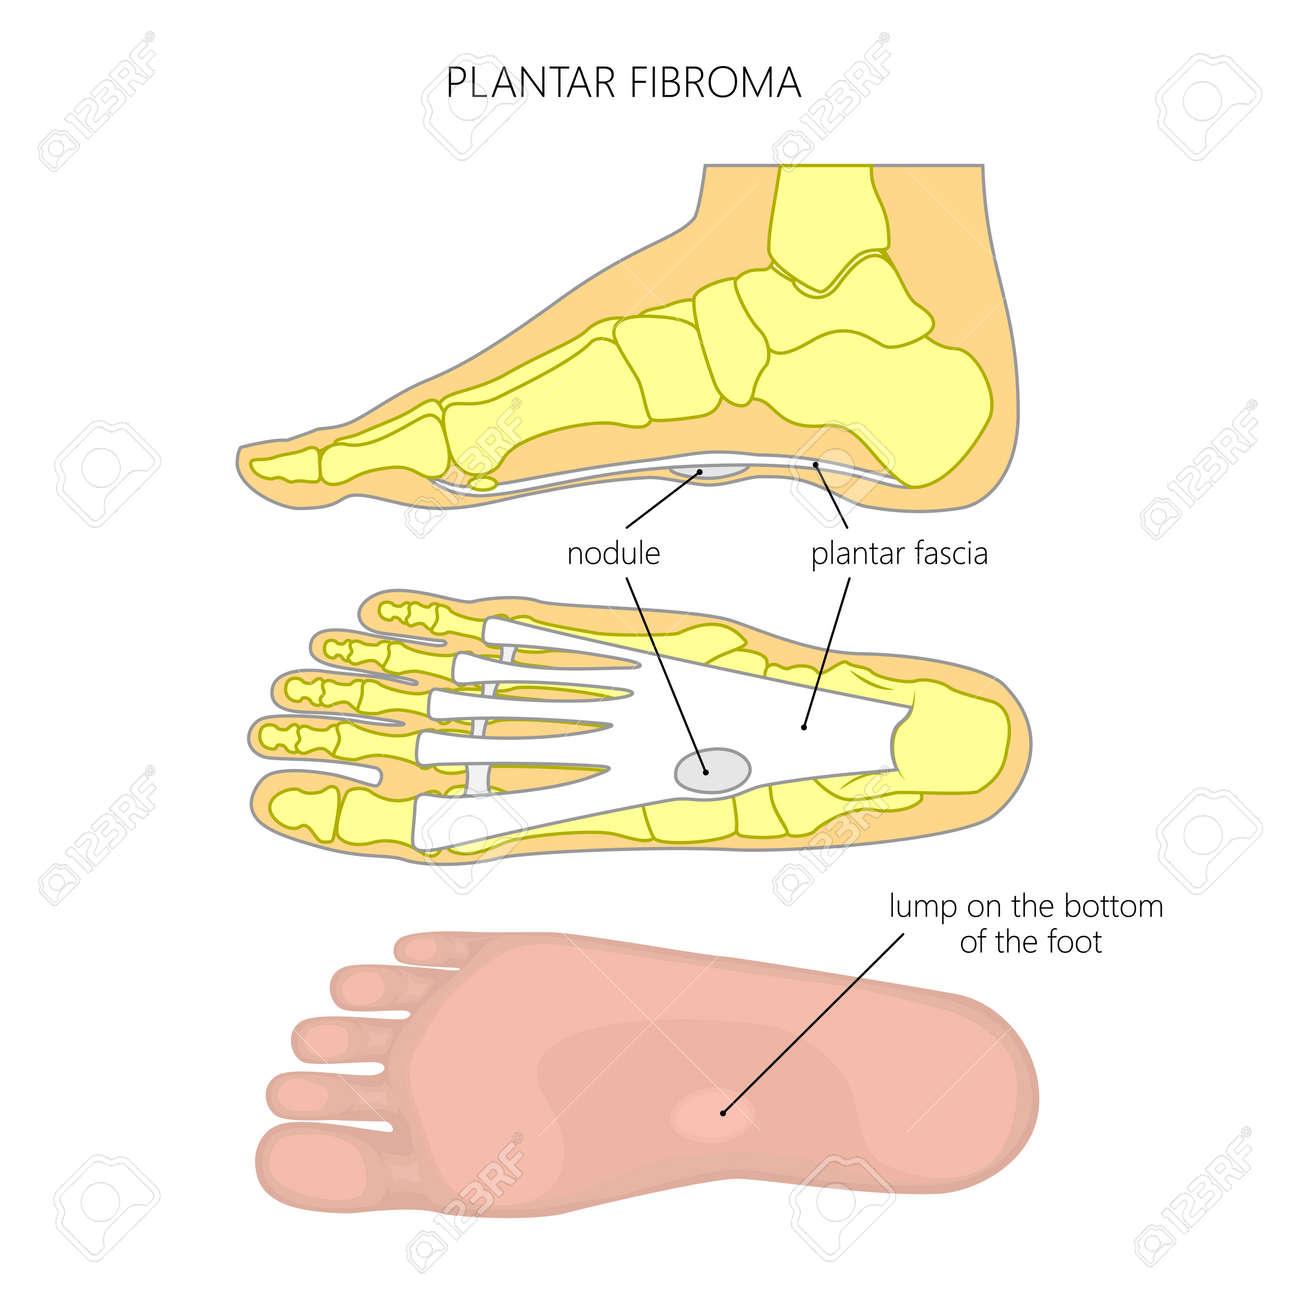 Vektordiagramm Des Plantarfibroms Oder Der Fibromatose. Tumor An Der ...